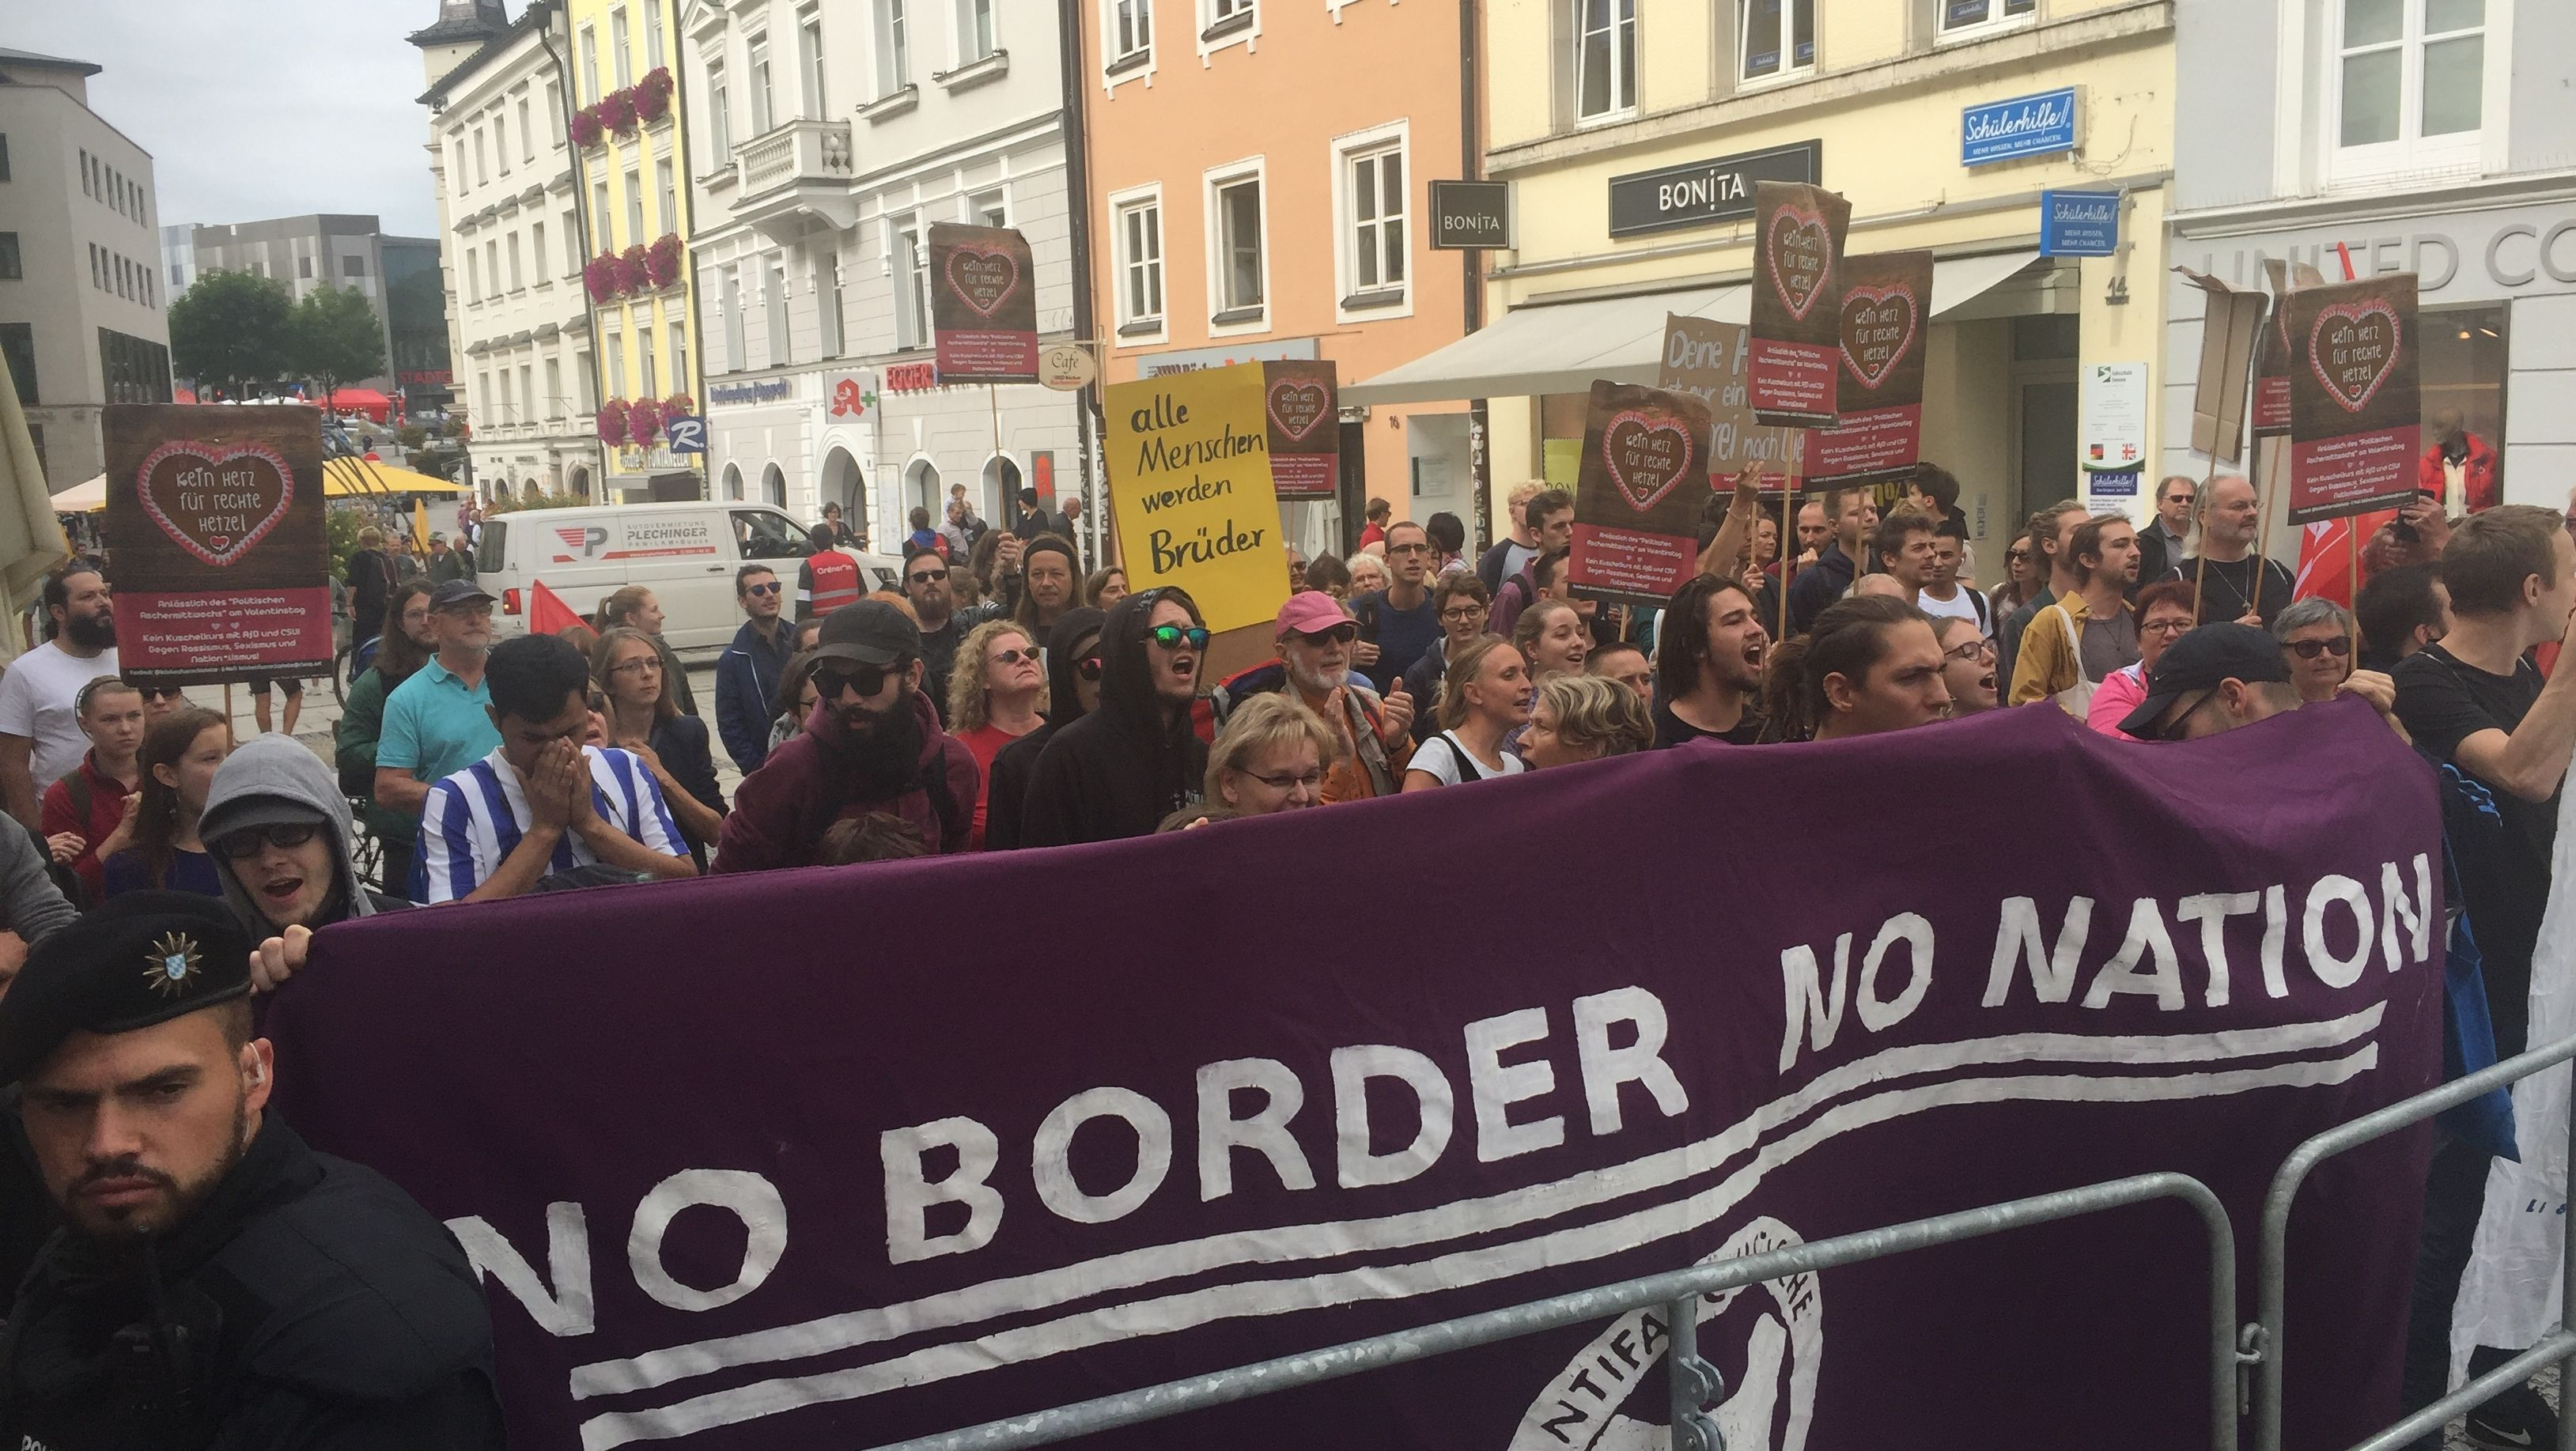 Polizist und Teilnehmer der Gegendemonstration in Passau mit Plakat